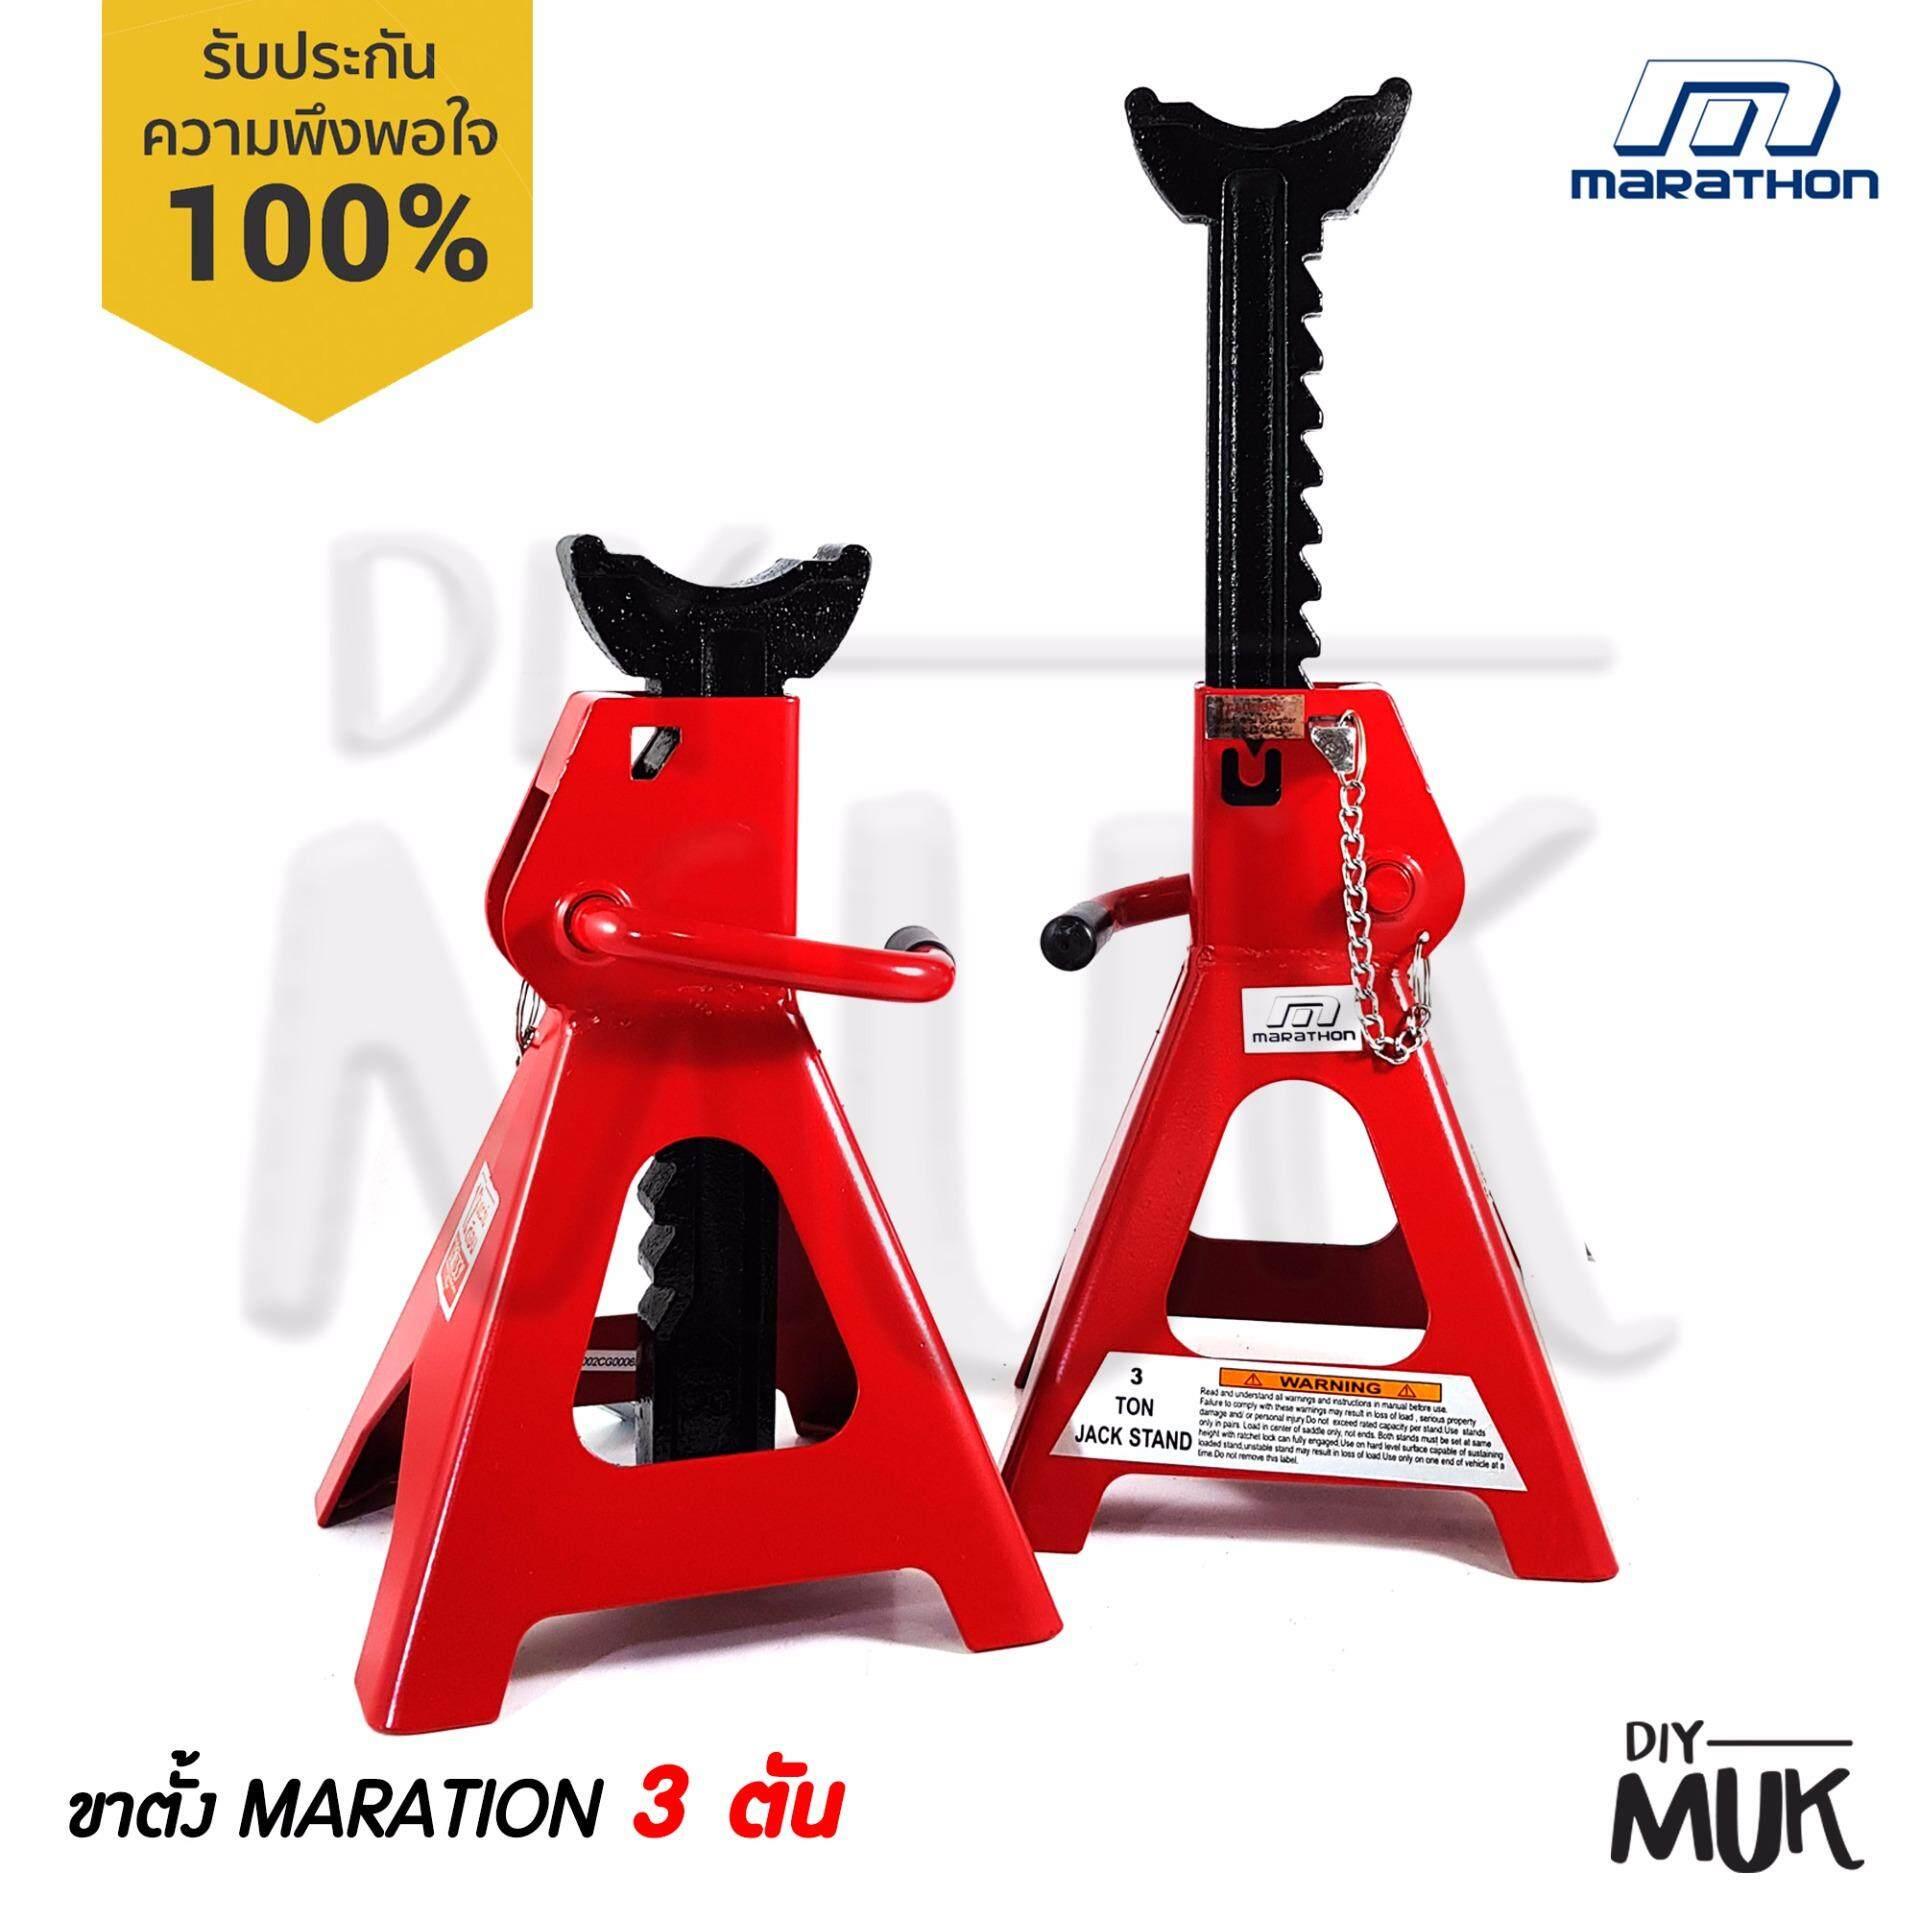 Marathon ขาตั้งยกรถ ขาตั้งรถยนต์ 4 ขา แบบมีหมุดล็อค 2 ชั้น รับน้ำหนักได้ 3 ตัน (สีแดง) 2ชิ้น/ชุด รุ่น T43002 By Diymuk.